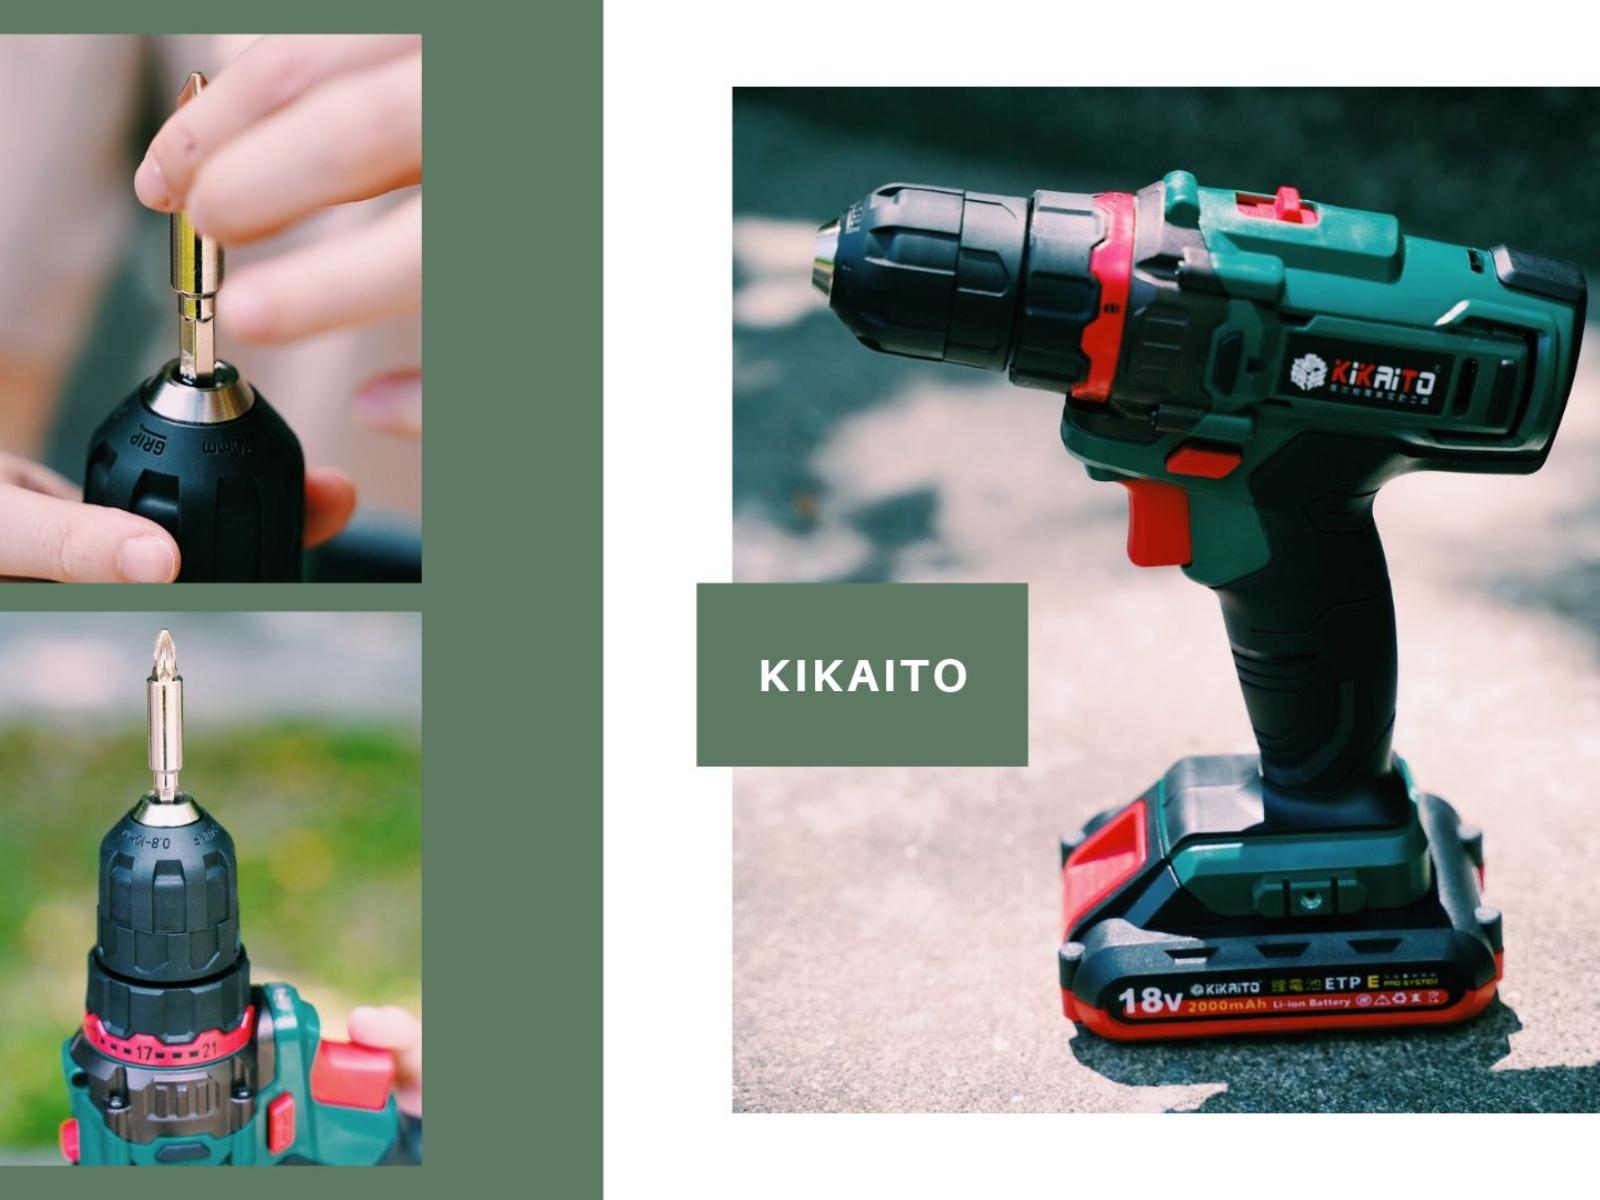 機械堂 KiKAiTO 電鑽使用教學-18V MAX 威力版電鑽,居家必備萬用工具